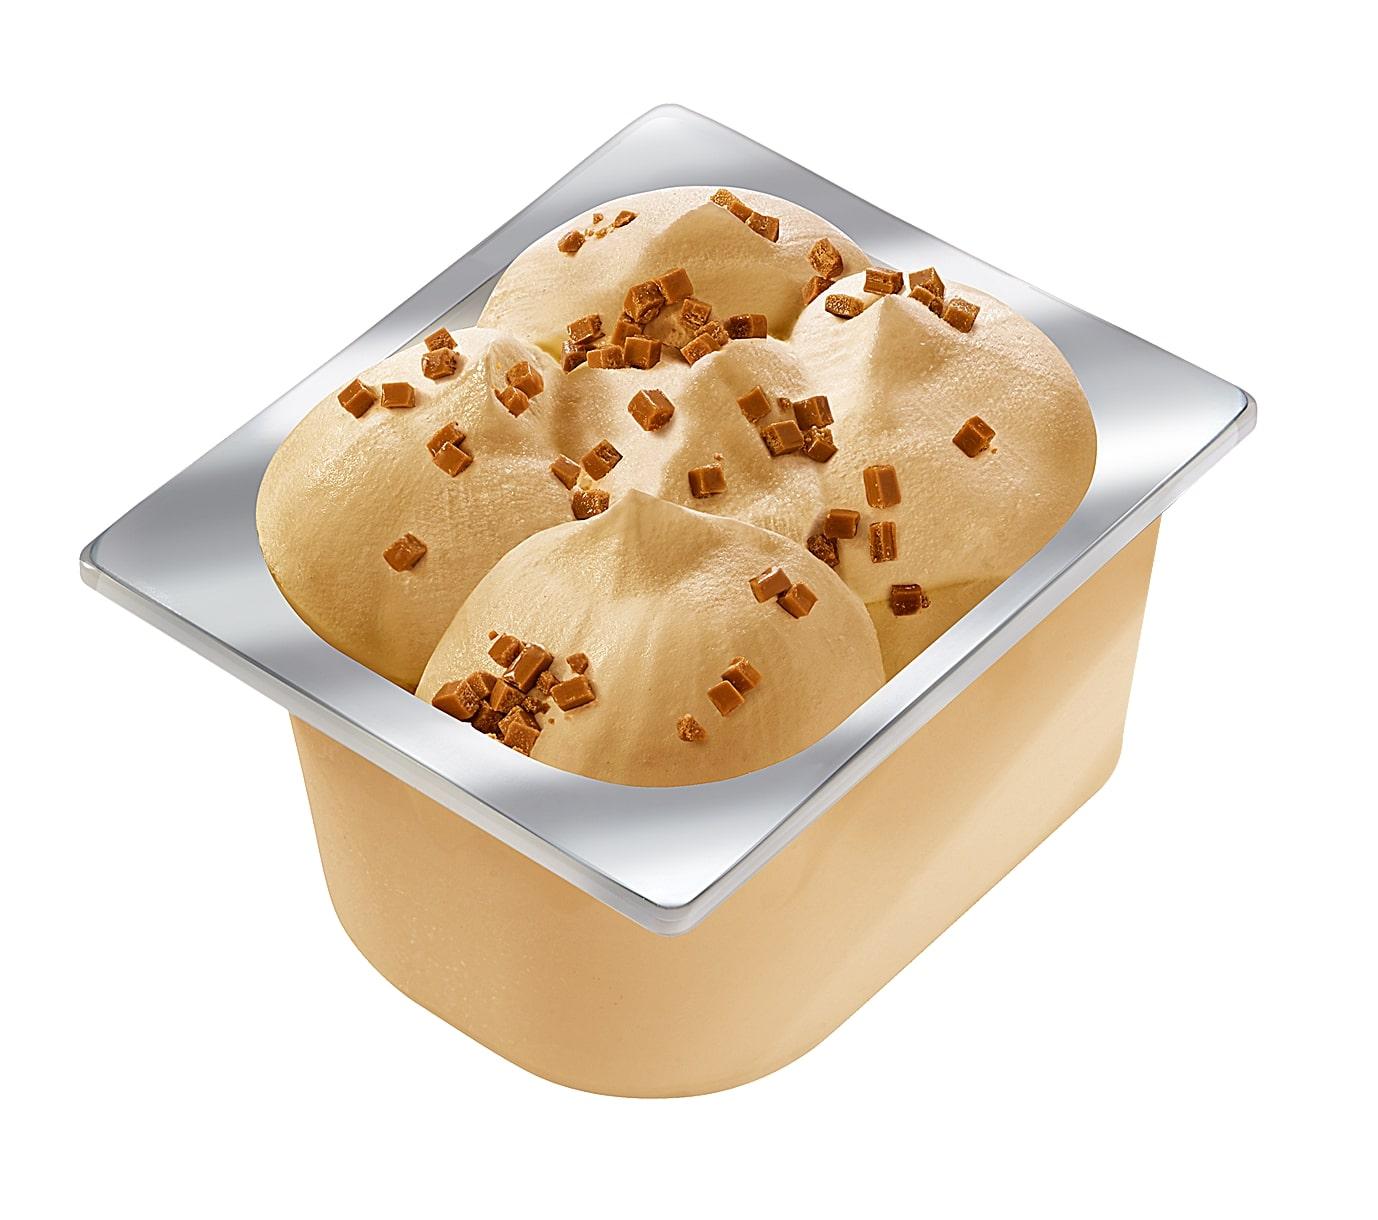 Carte D'Or Мороженое Ирландский ликёр (1375 г) - Интересный вкус вашей десертной истории